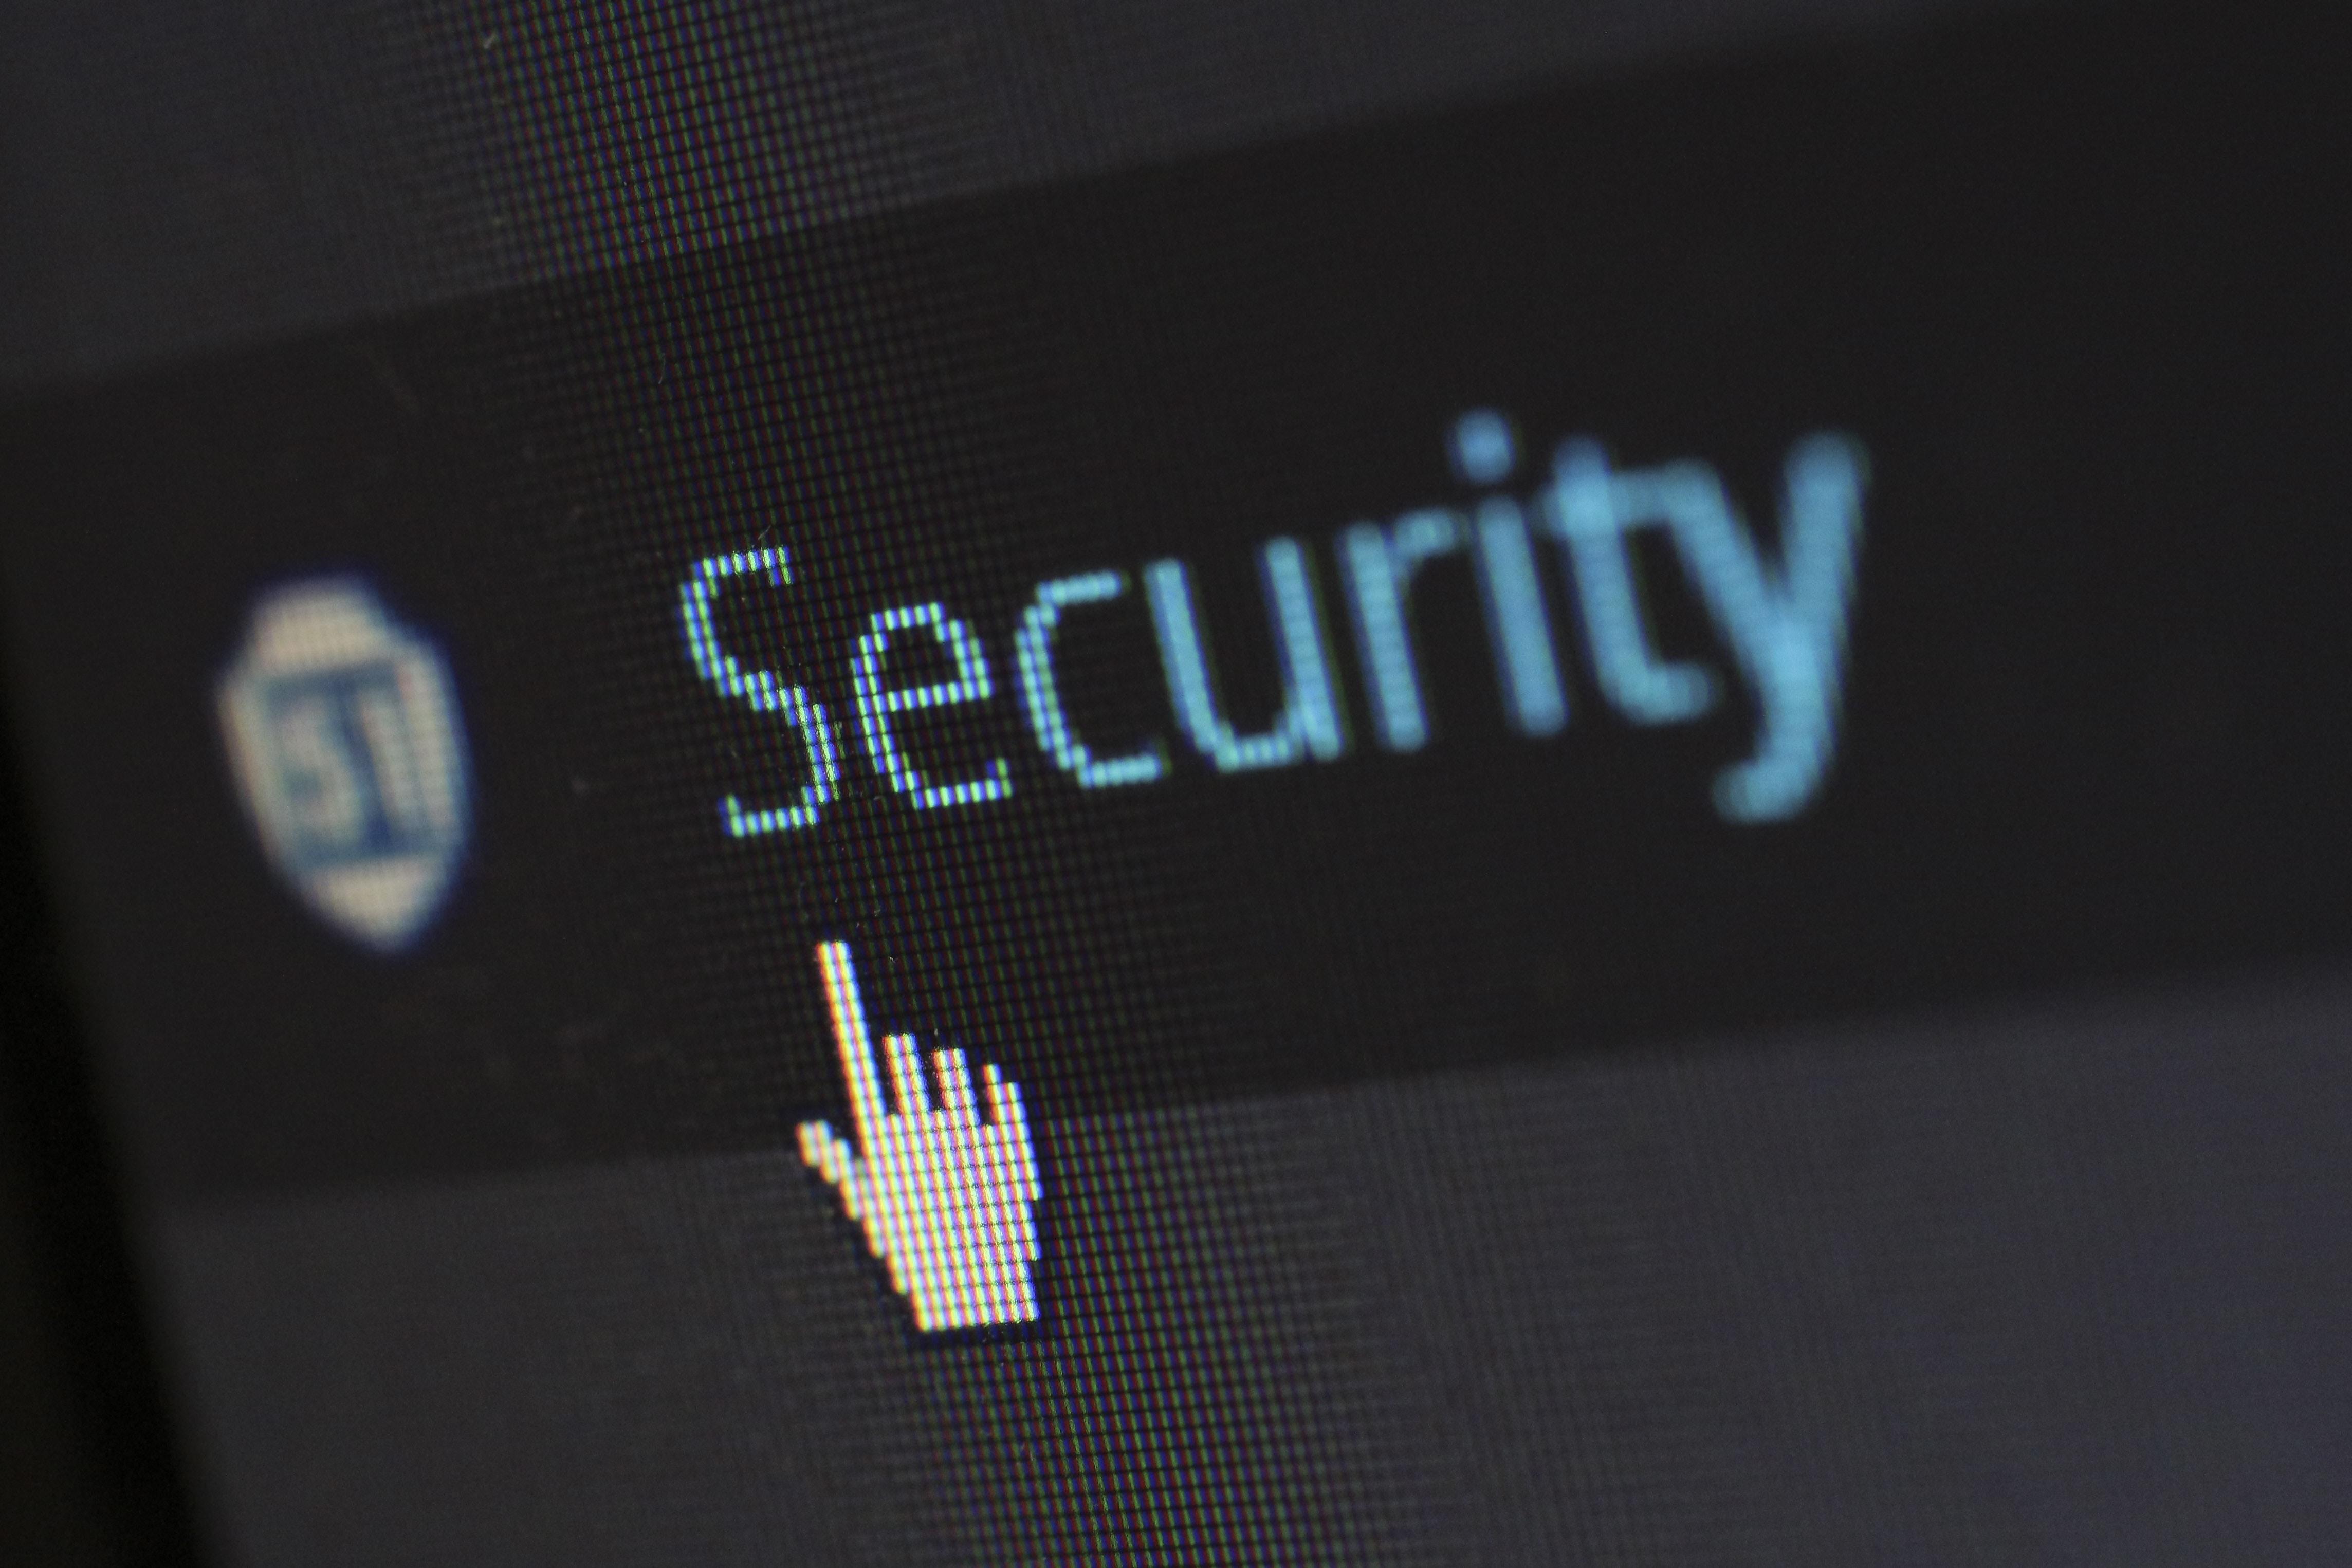 crm data breach